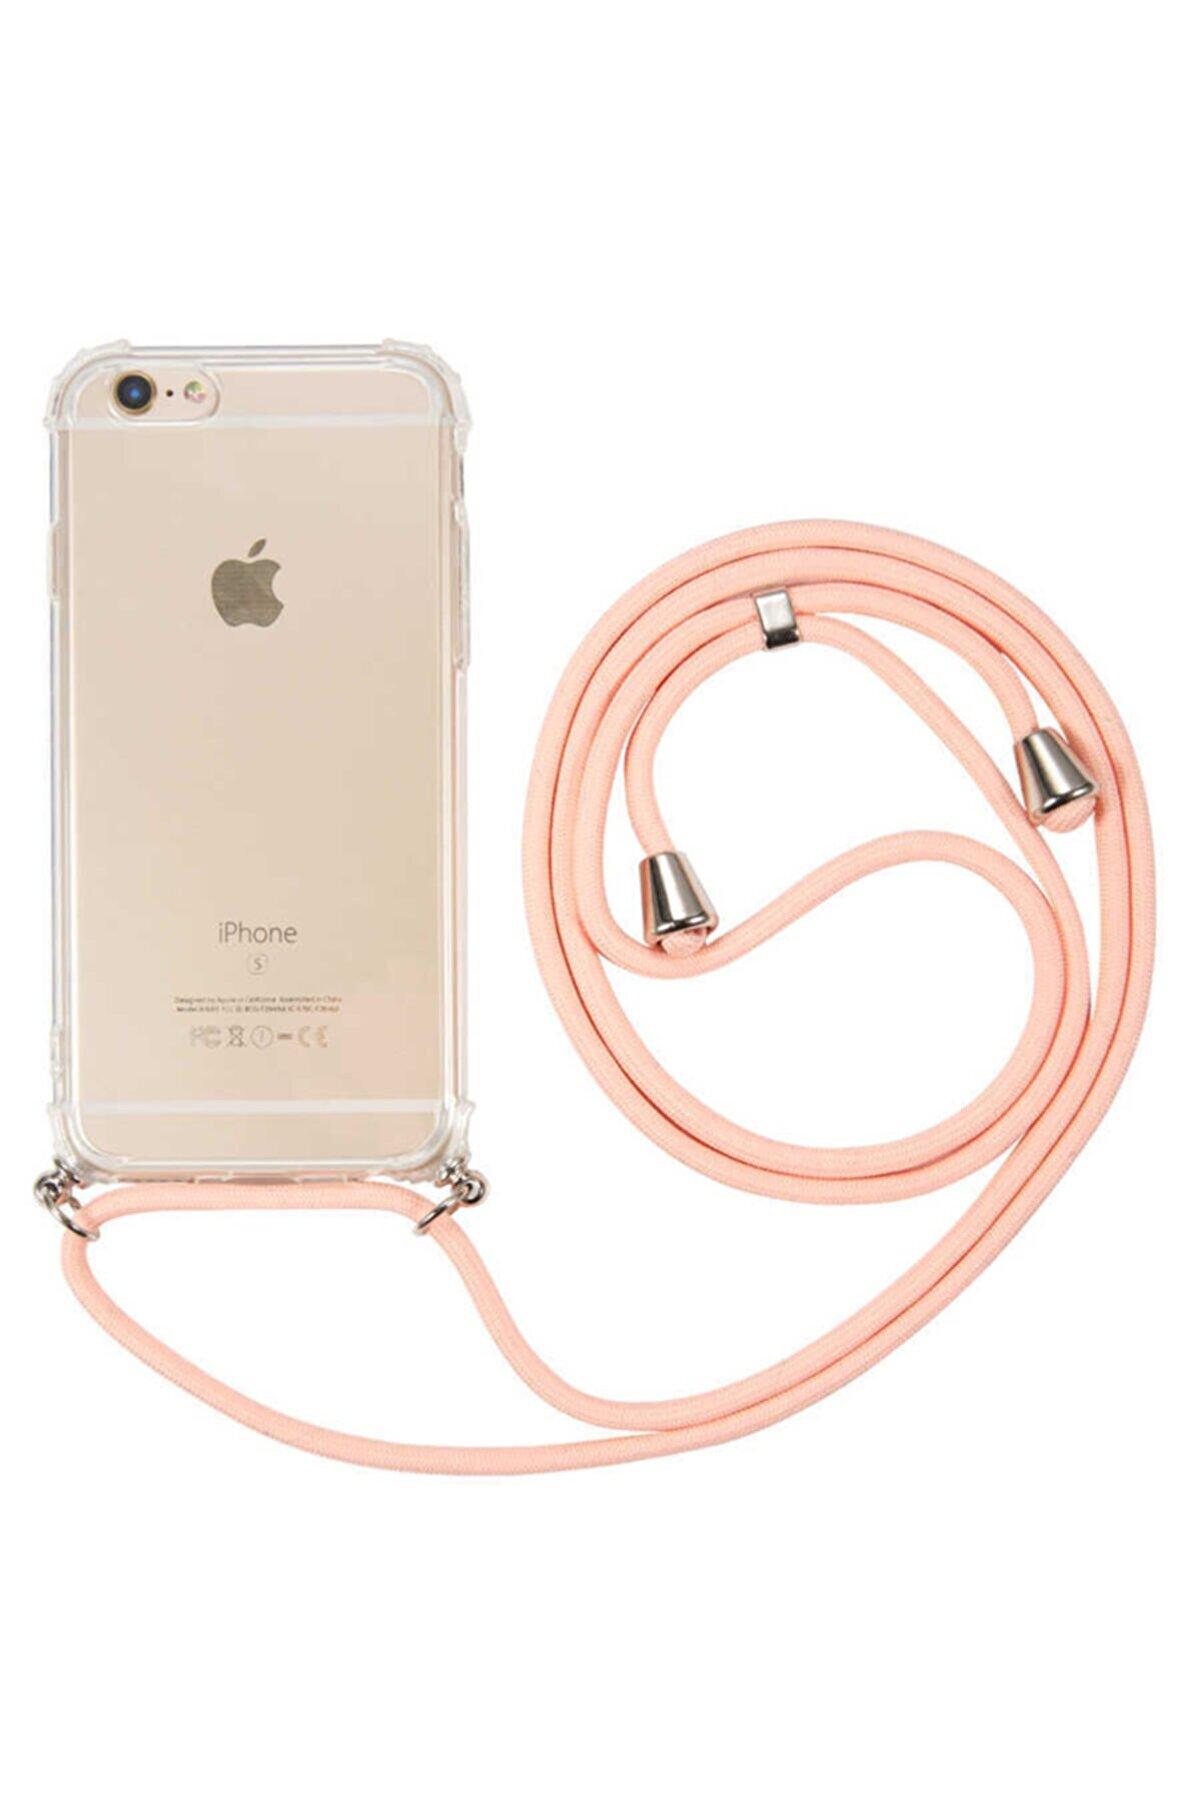 Fibaks Apple Iphone 6/6s Kılıf Ipli Boyun Askılı Köşe Korumalı Şeffaf Kapak